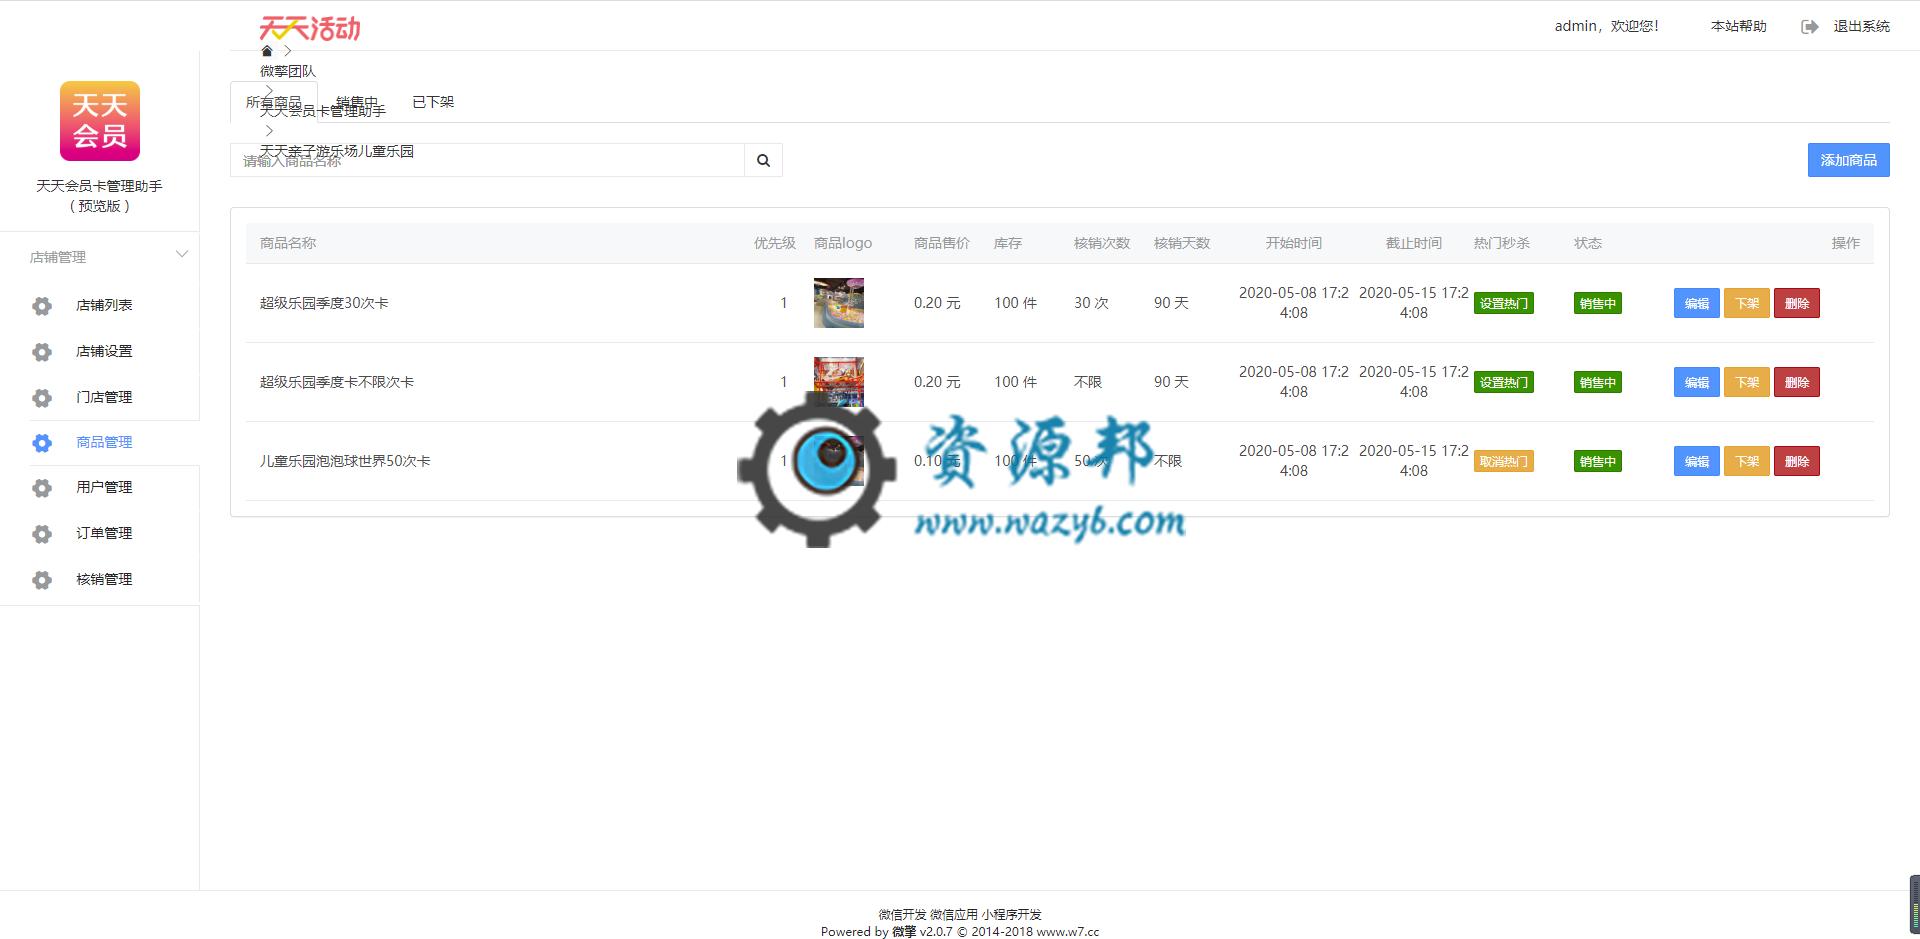 【公众号应用】天天会员卡管理助手V1.0.2,增加商品展示优先级 公众号应用 第4张